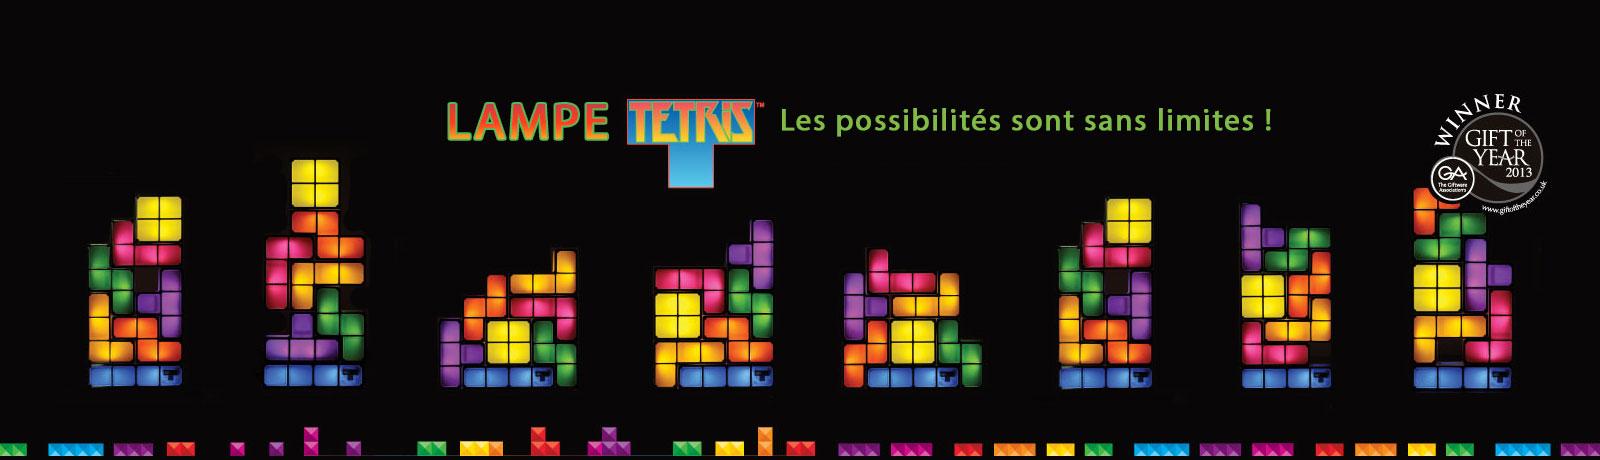 Cette Lampe Tetris est ludique. Elle permet de créer sa lampe selon ses envies grâce ses blocs lumineux modulables.